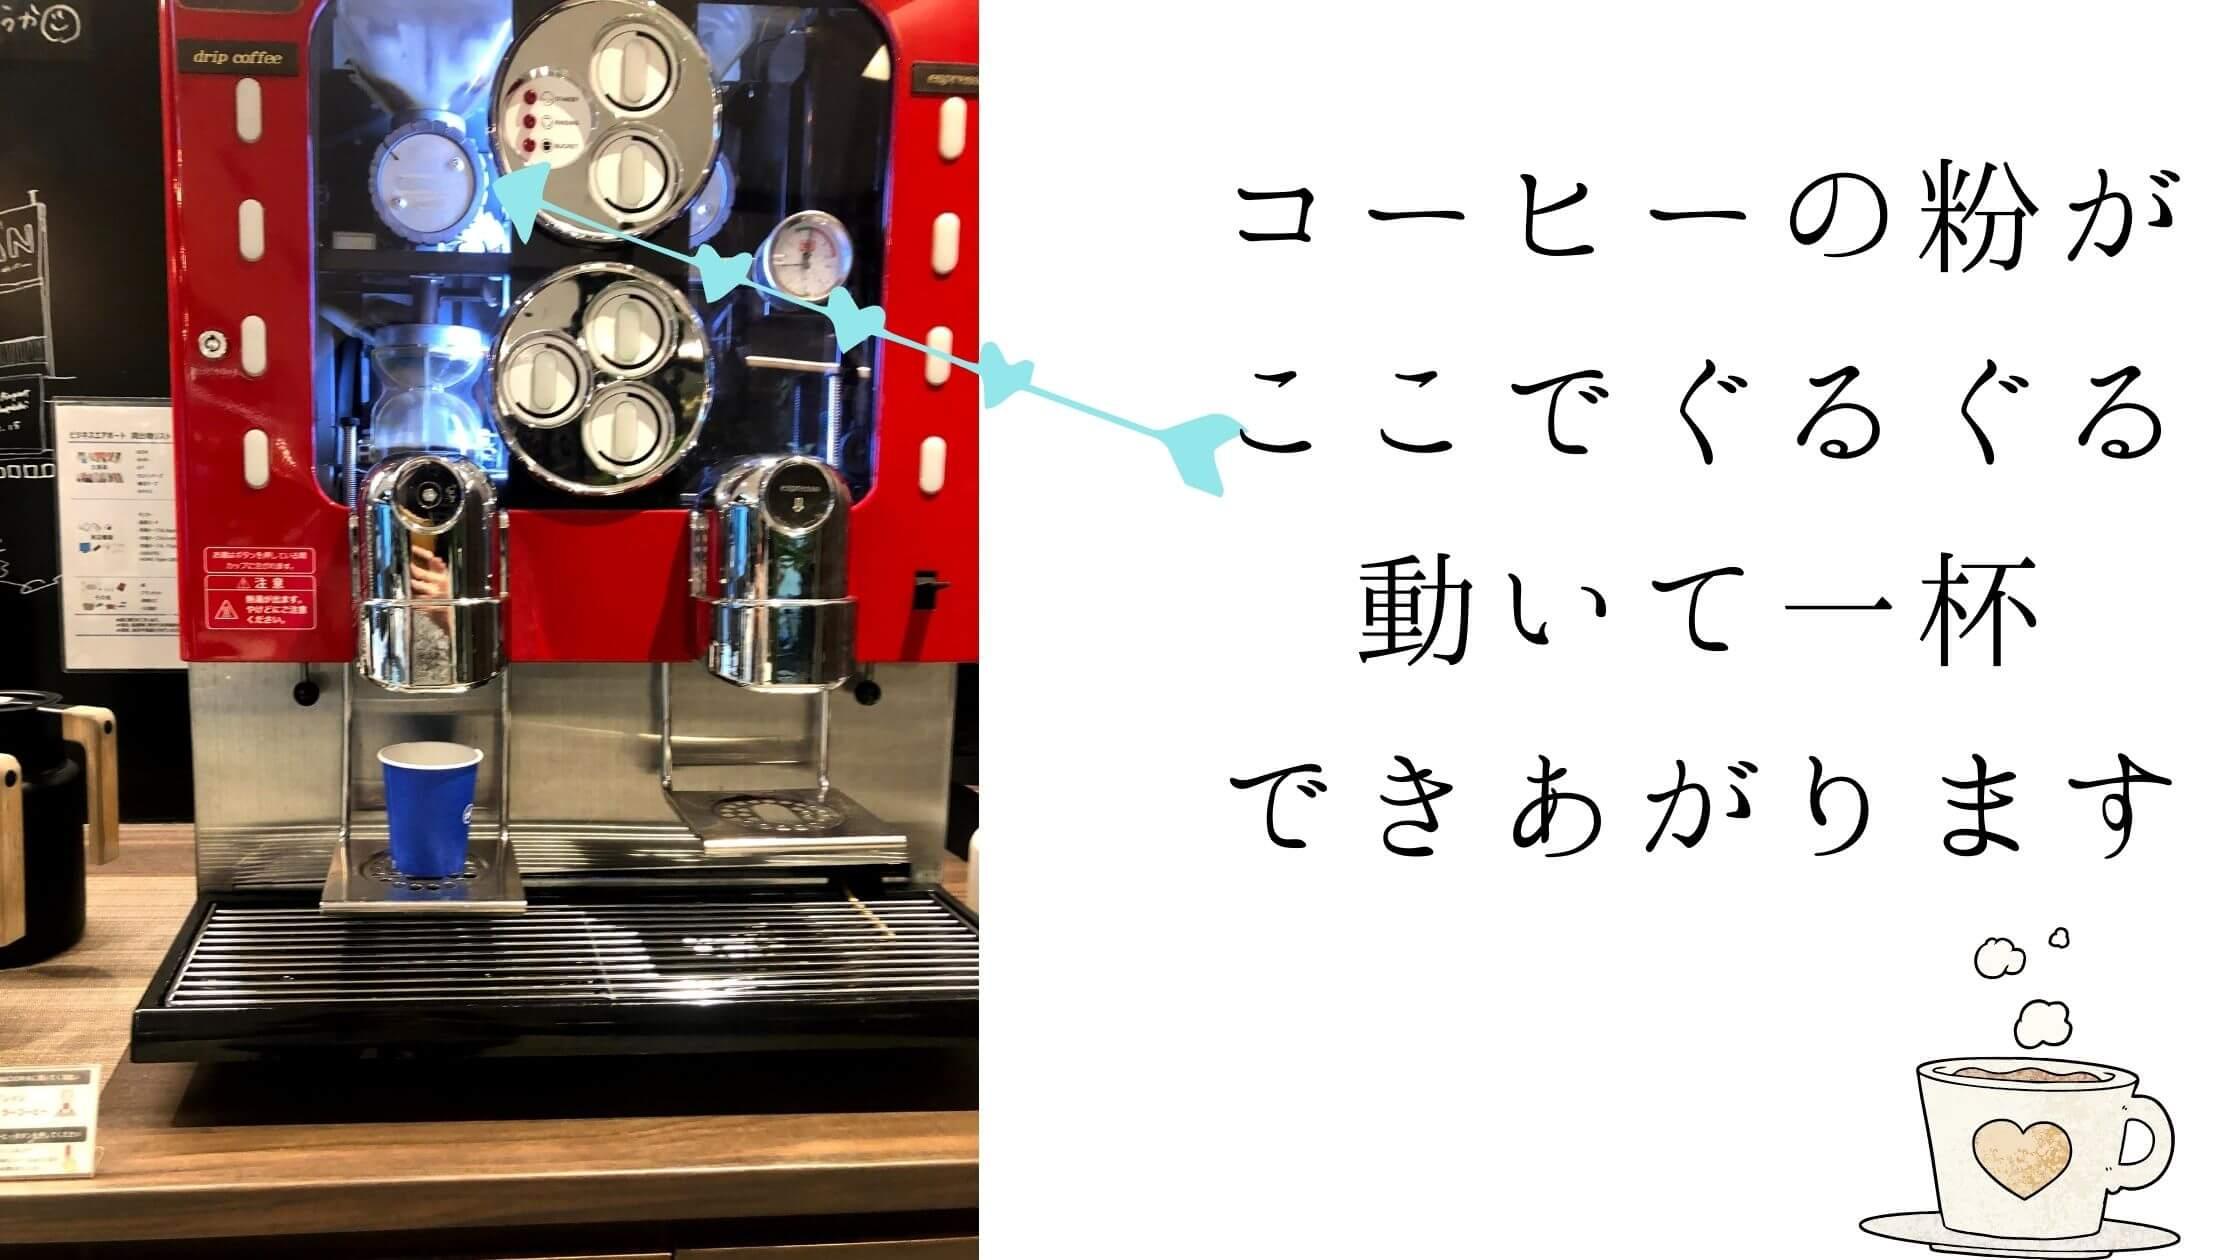 ビジネスエアポート渋谷南平台の素敵なコーヒーマシーン